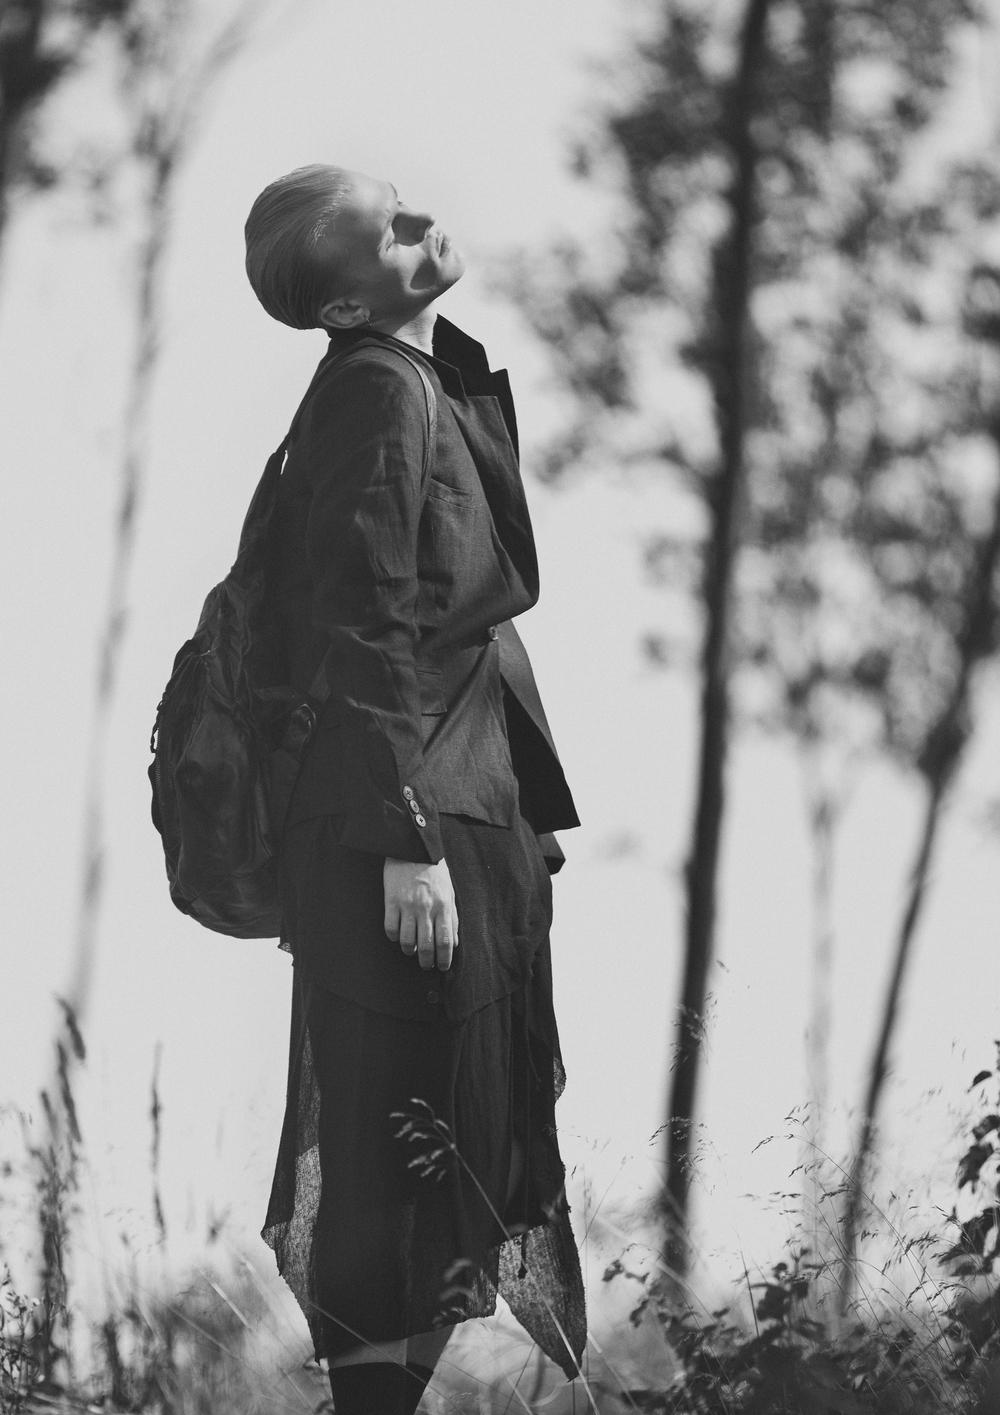 Fotograf Mikkel Völcker - Leon Louis SS2015 02.jpg